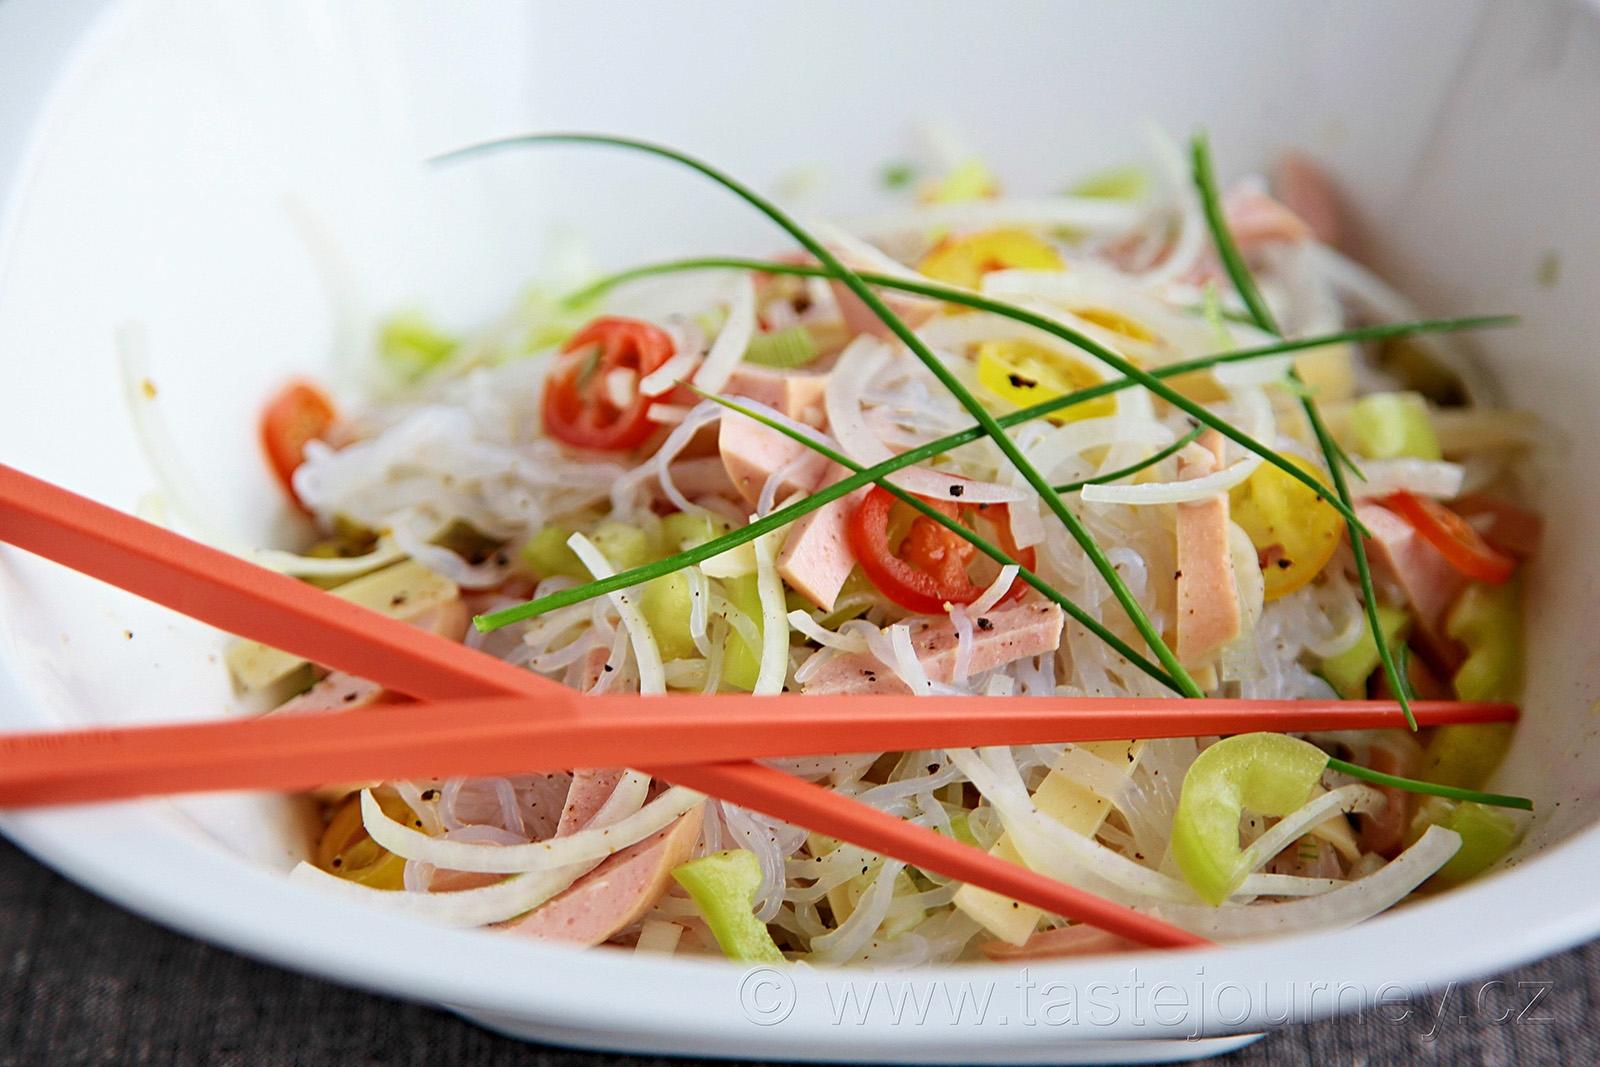 Buřt salát se zdravou vlákninou - konjac nudlemi